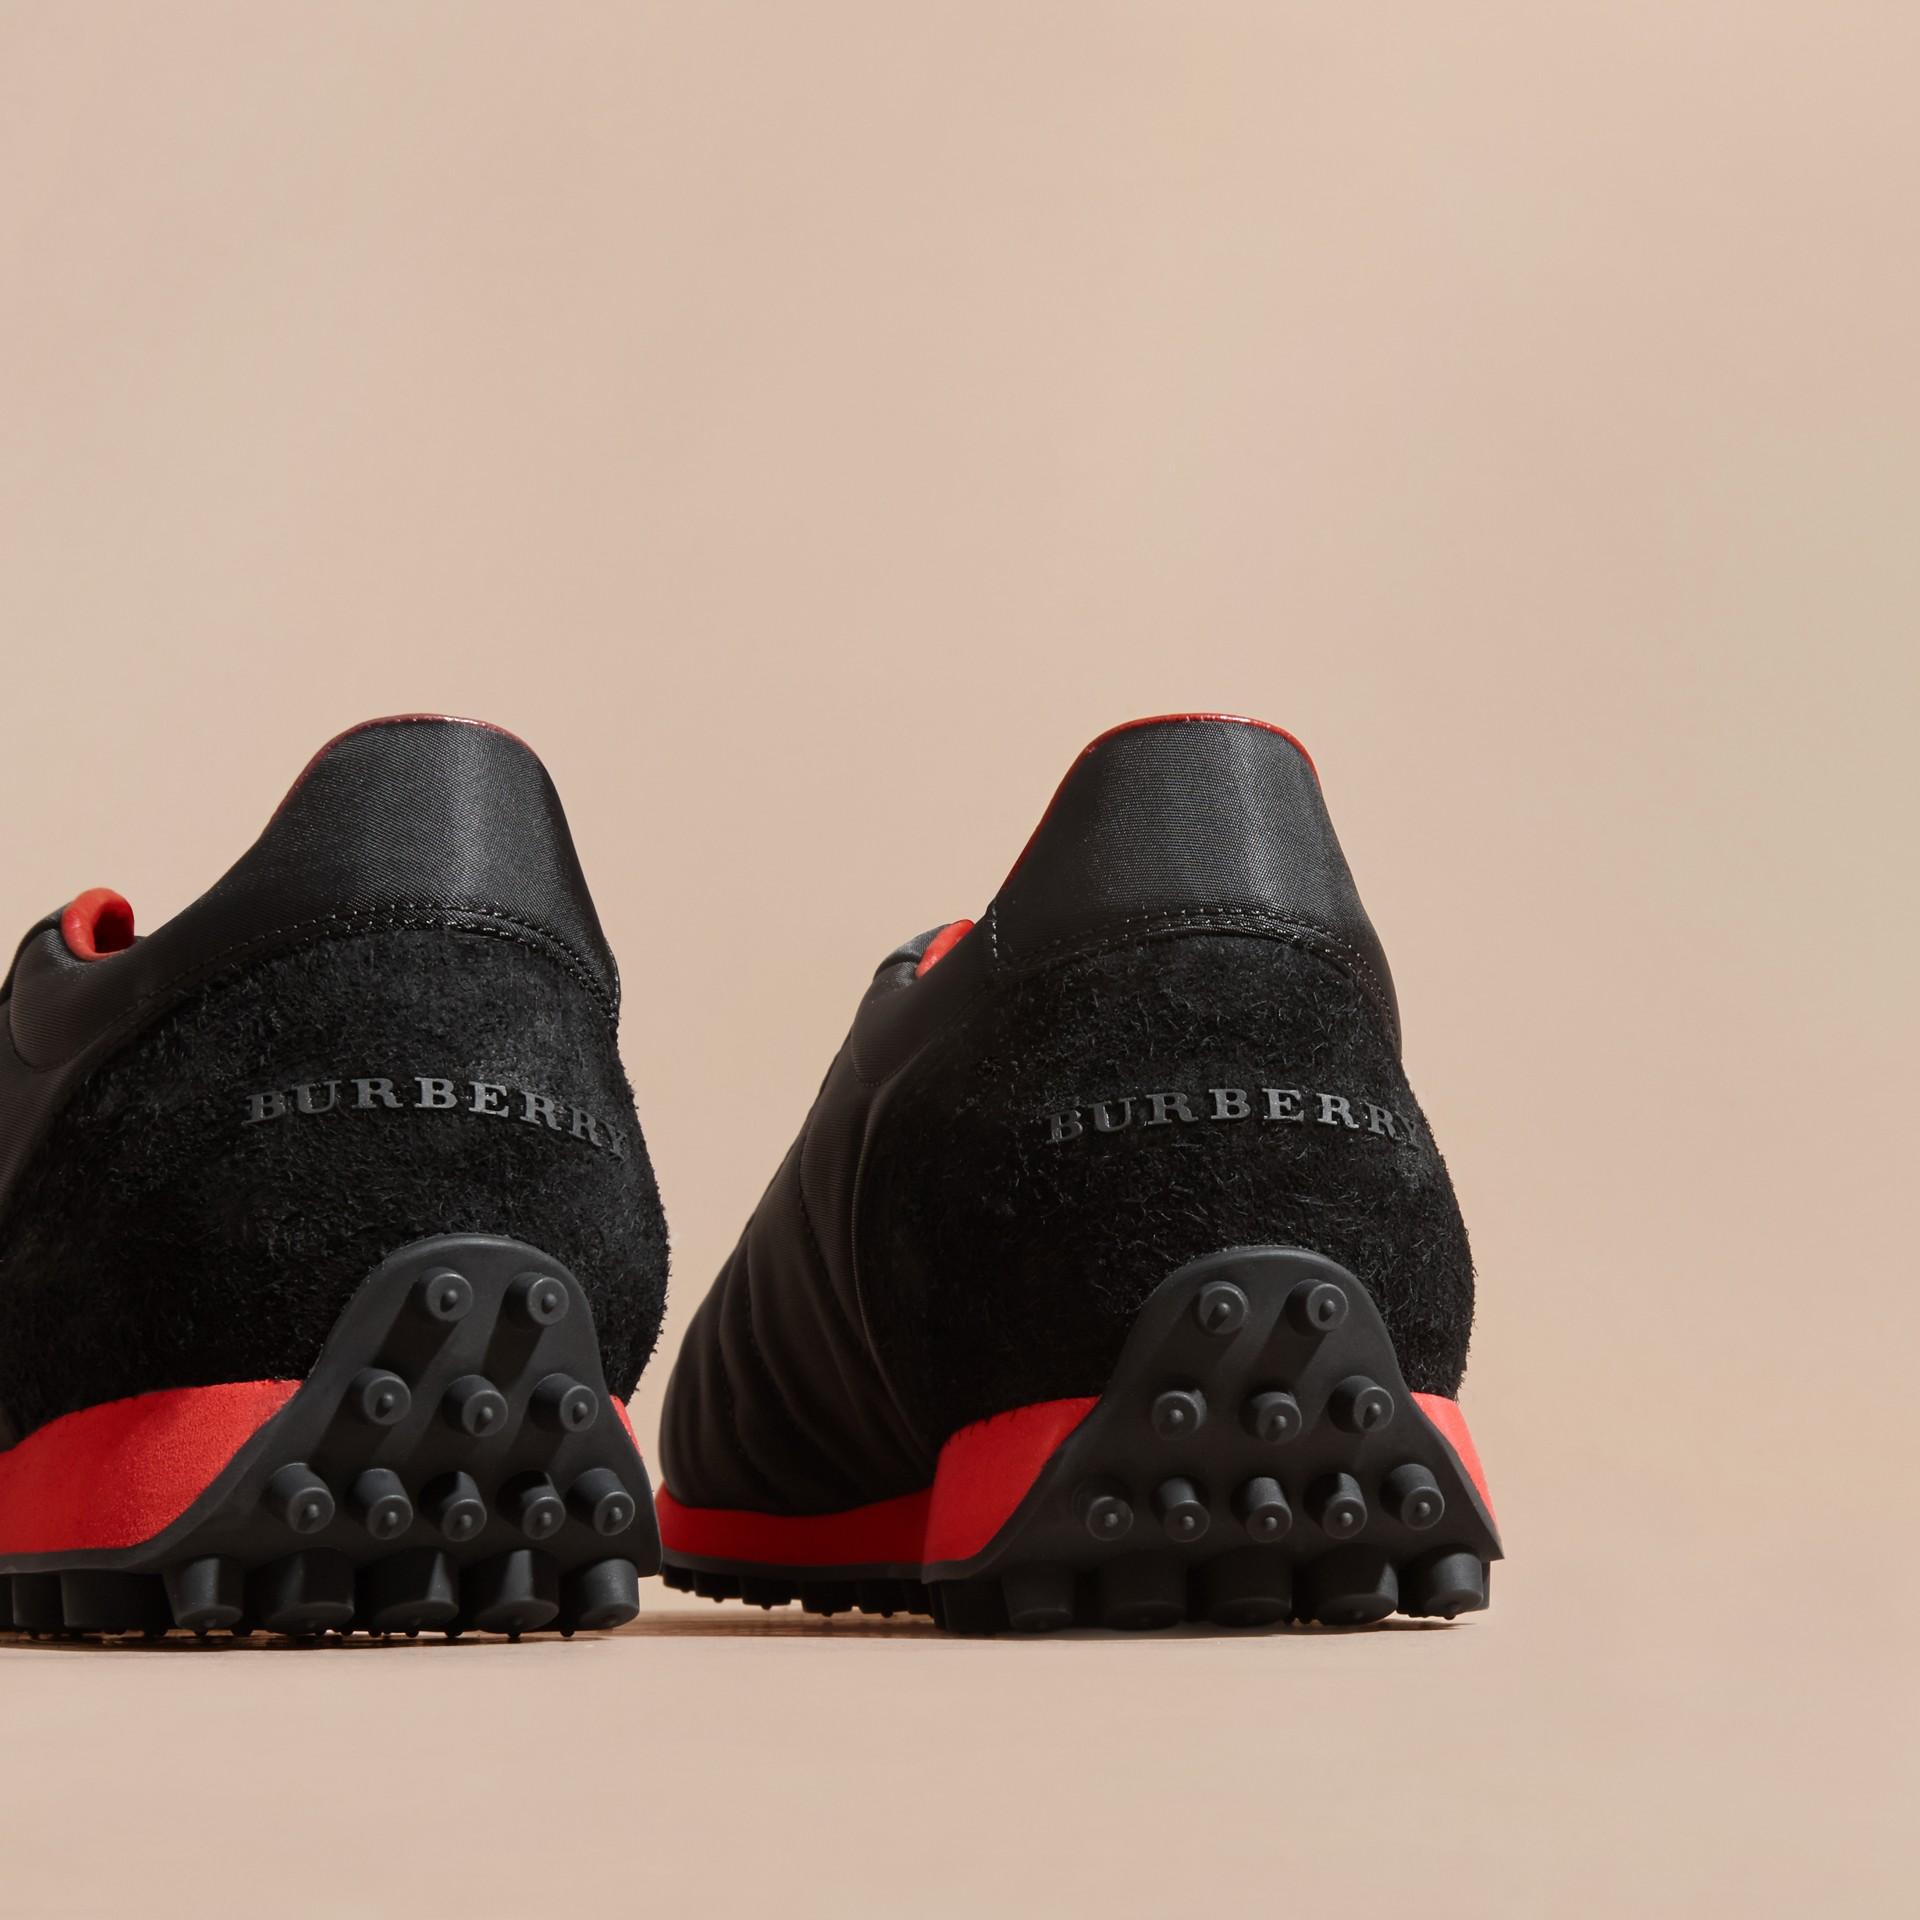 Nero/rosso militare Sneaker tecniche con finiture effetto texture Nero/rosso Militare - immagine della galleria 4